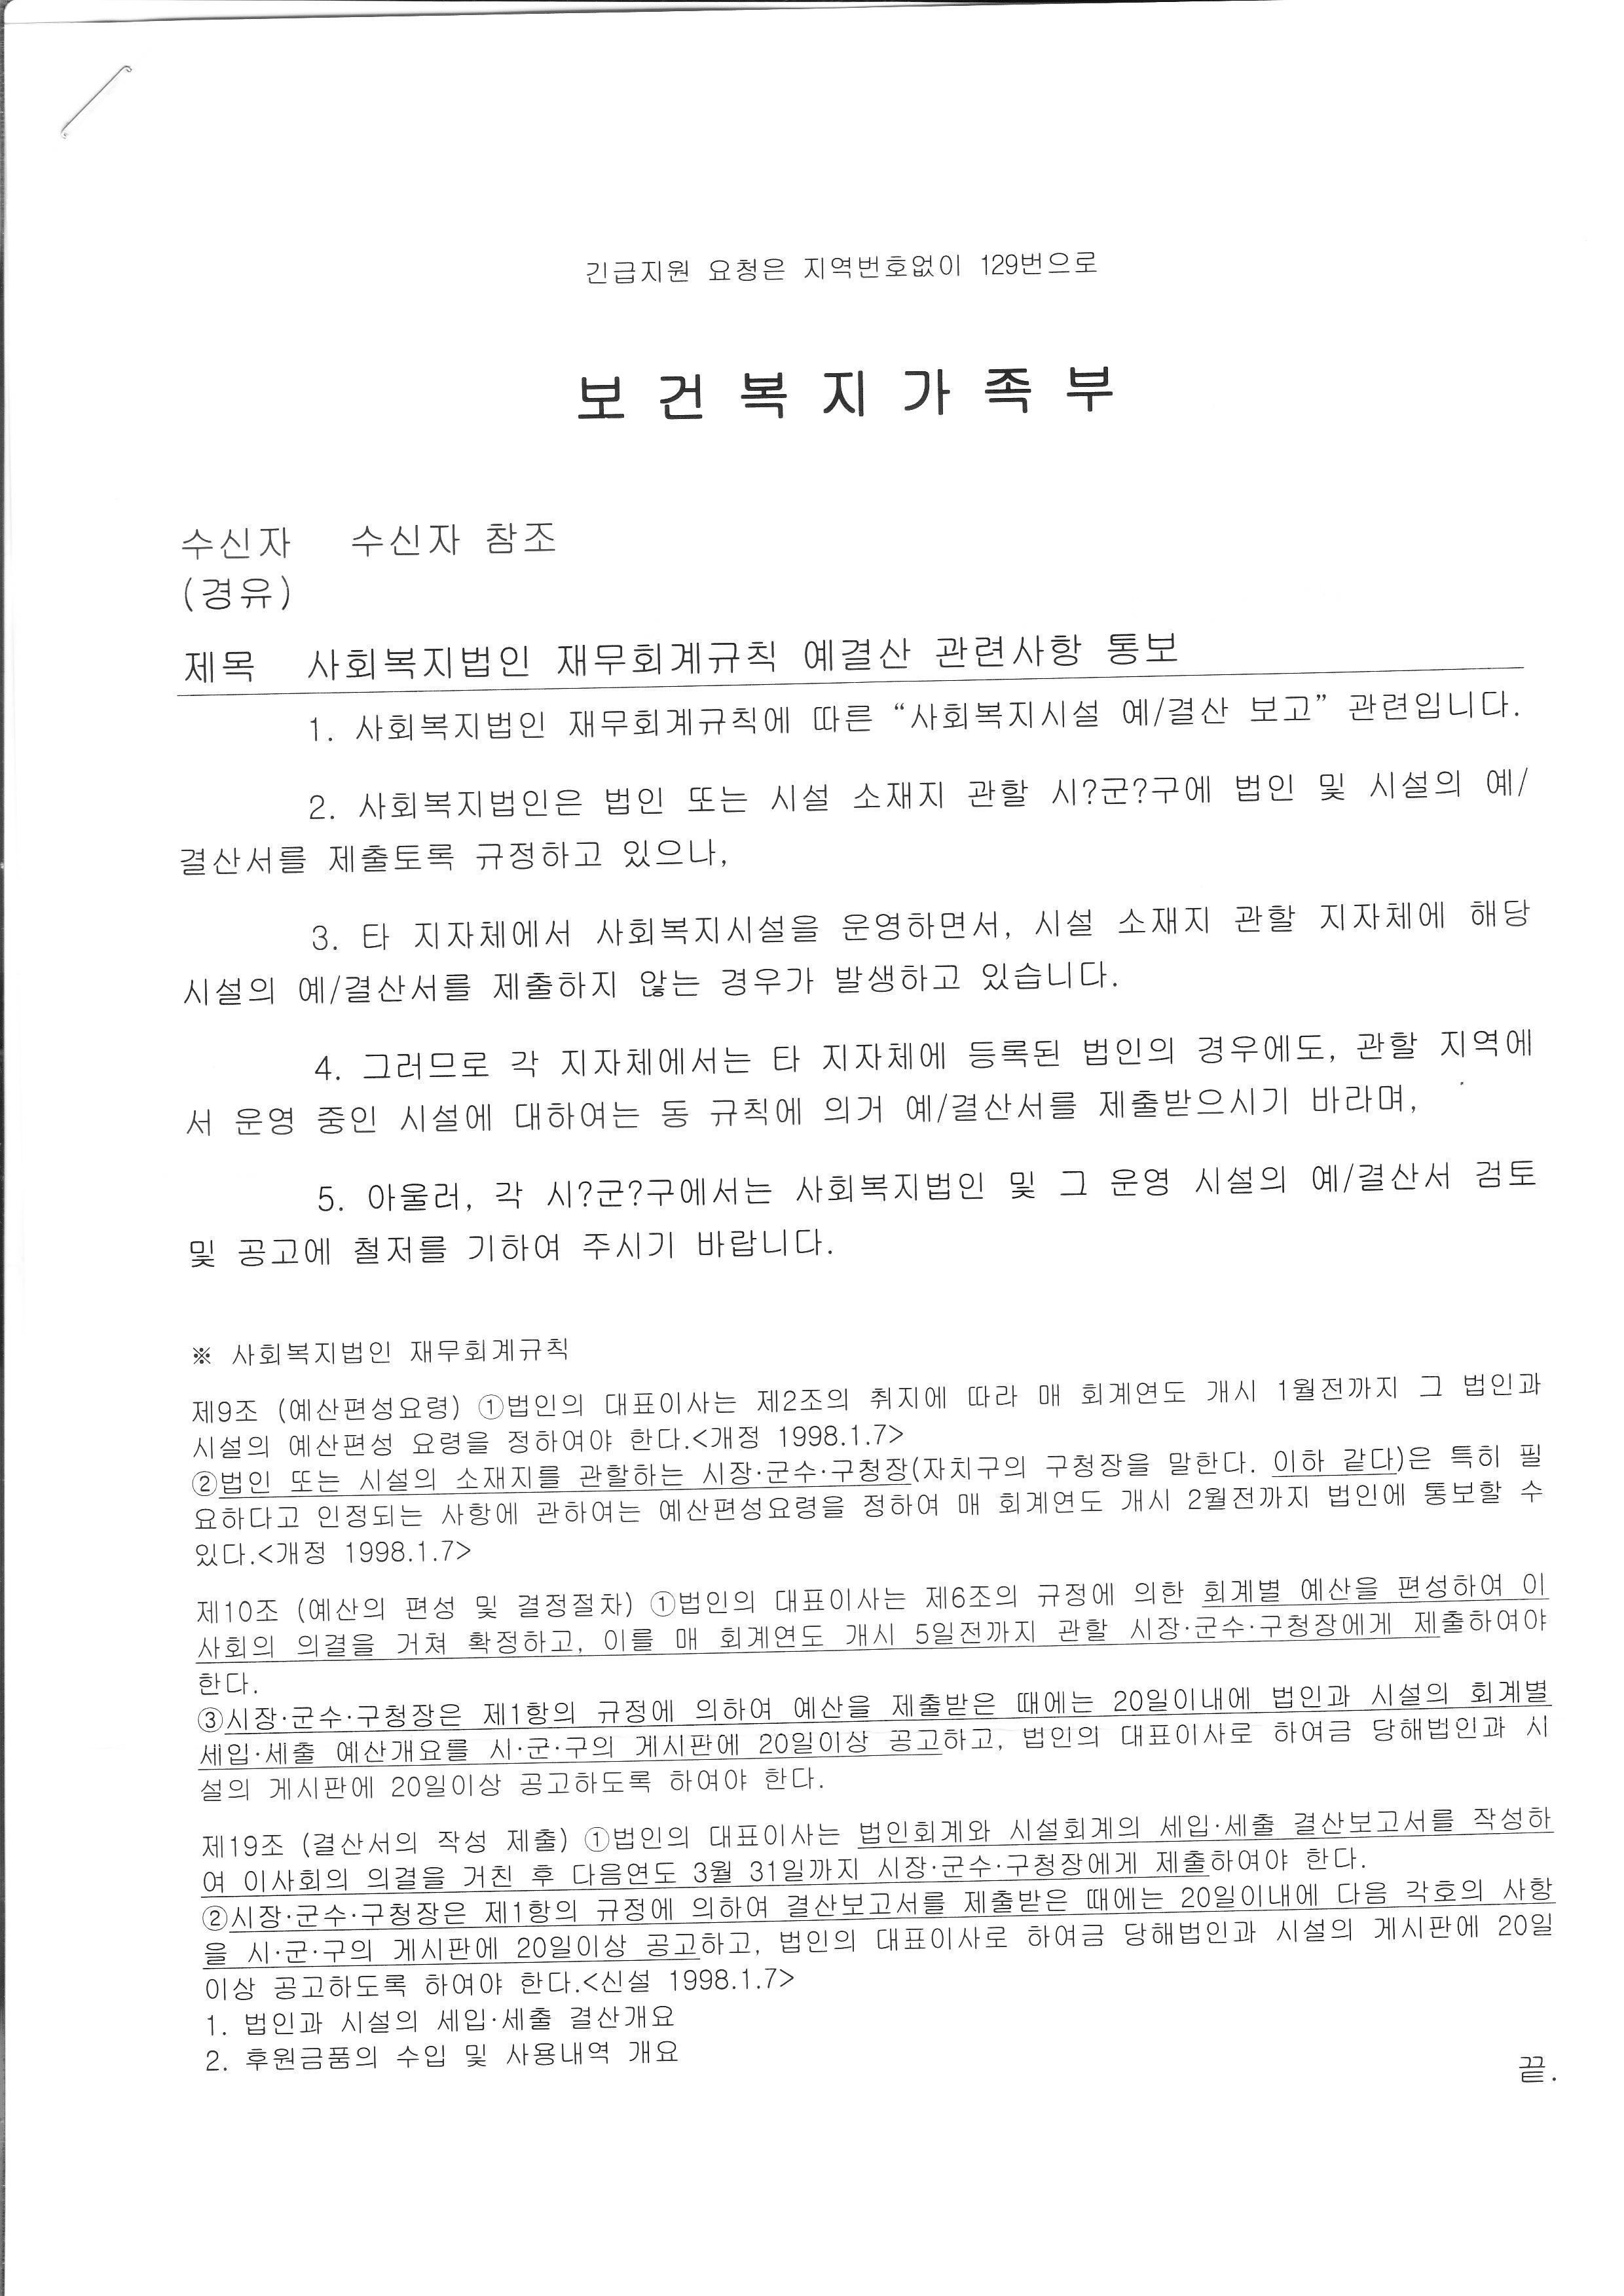 복지부 제출, 게시 통보 공문_0002.jpg